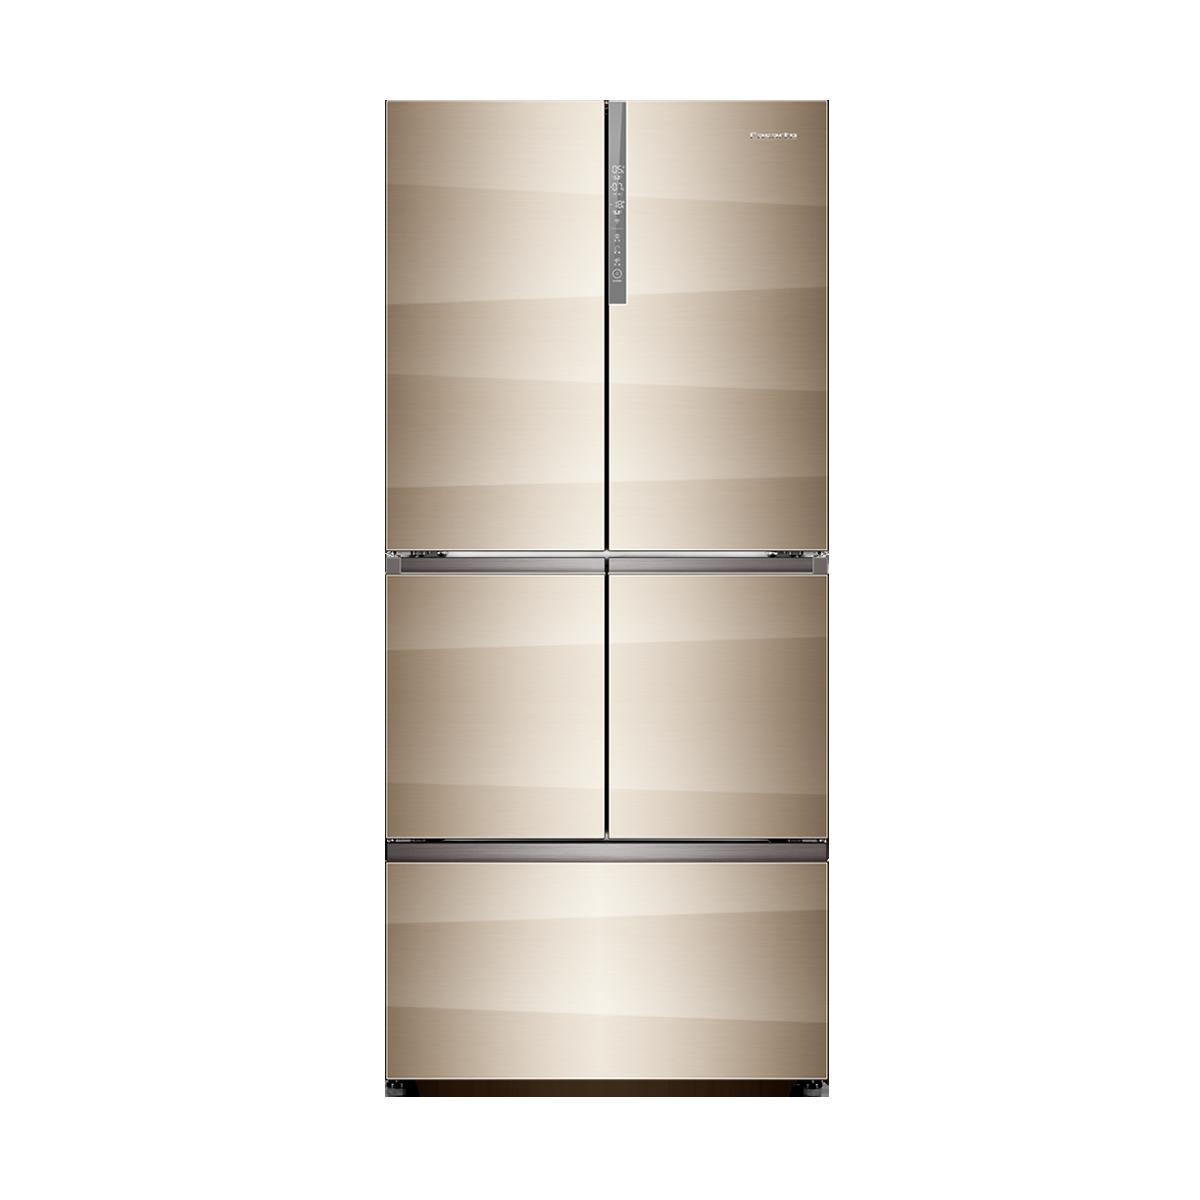 卡萨帝(Casarte)520升十字对开门变频风冷无霜冰箱多门嵌入式BCD-520WDCAU1